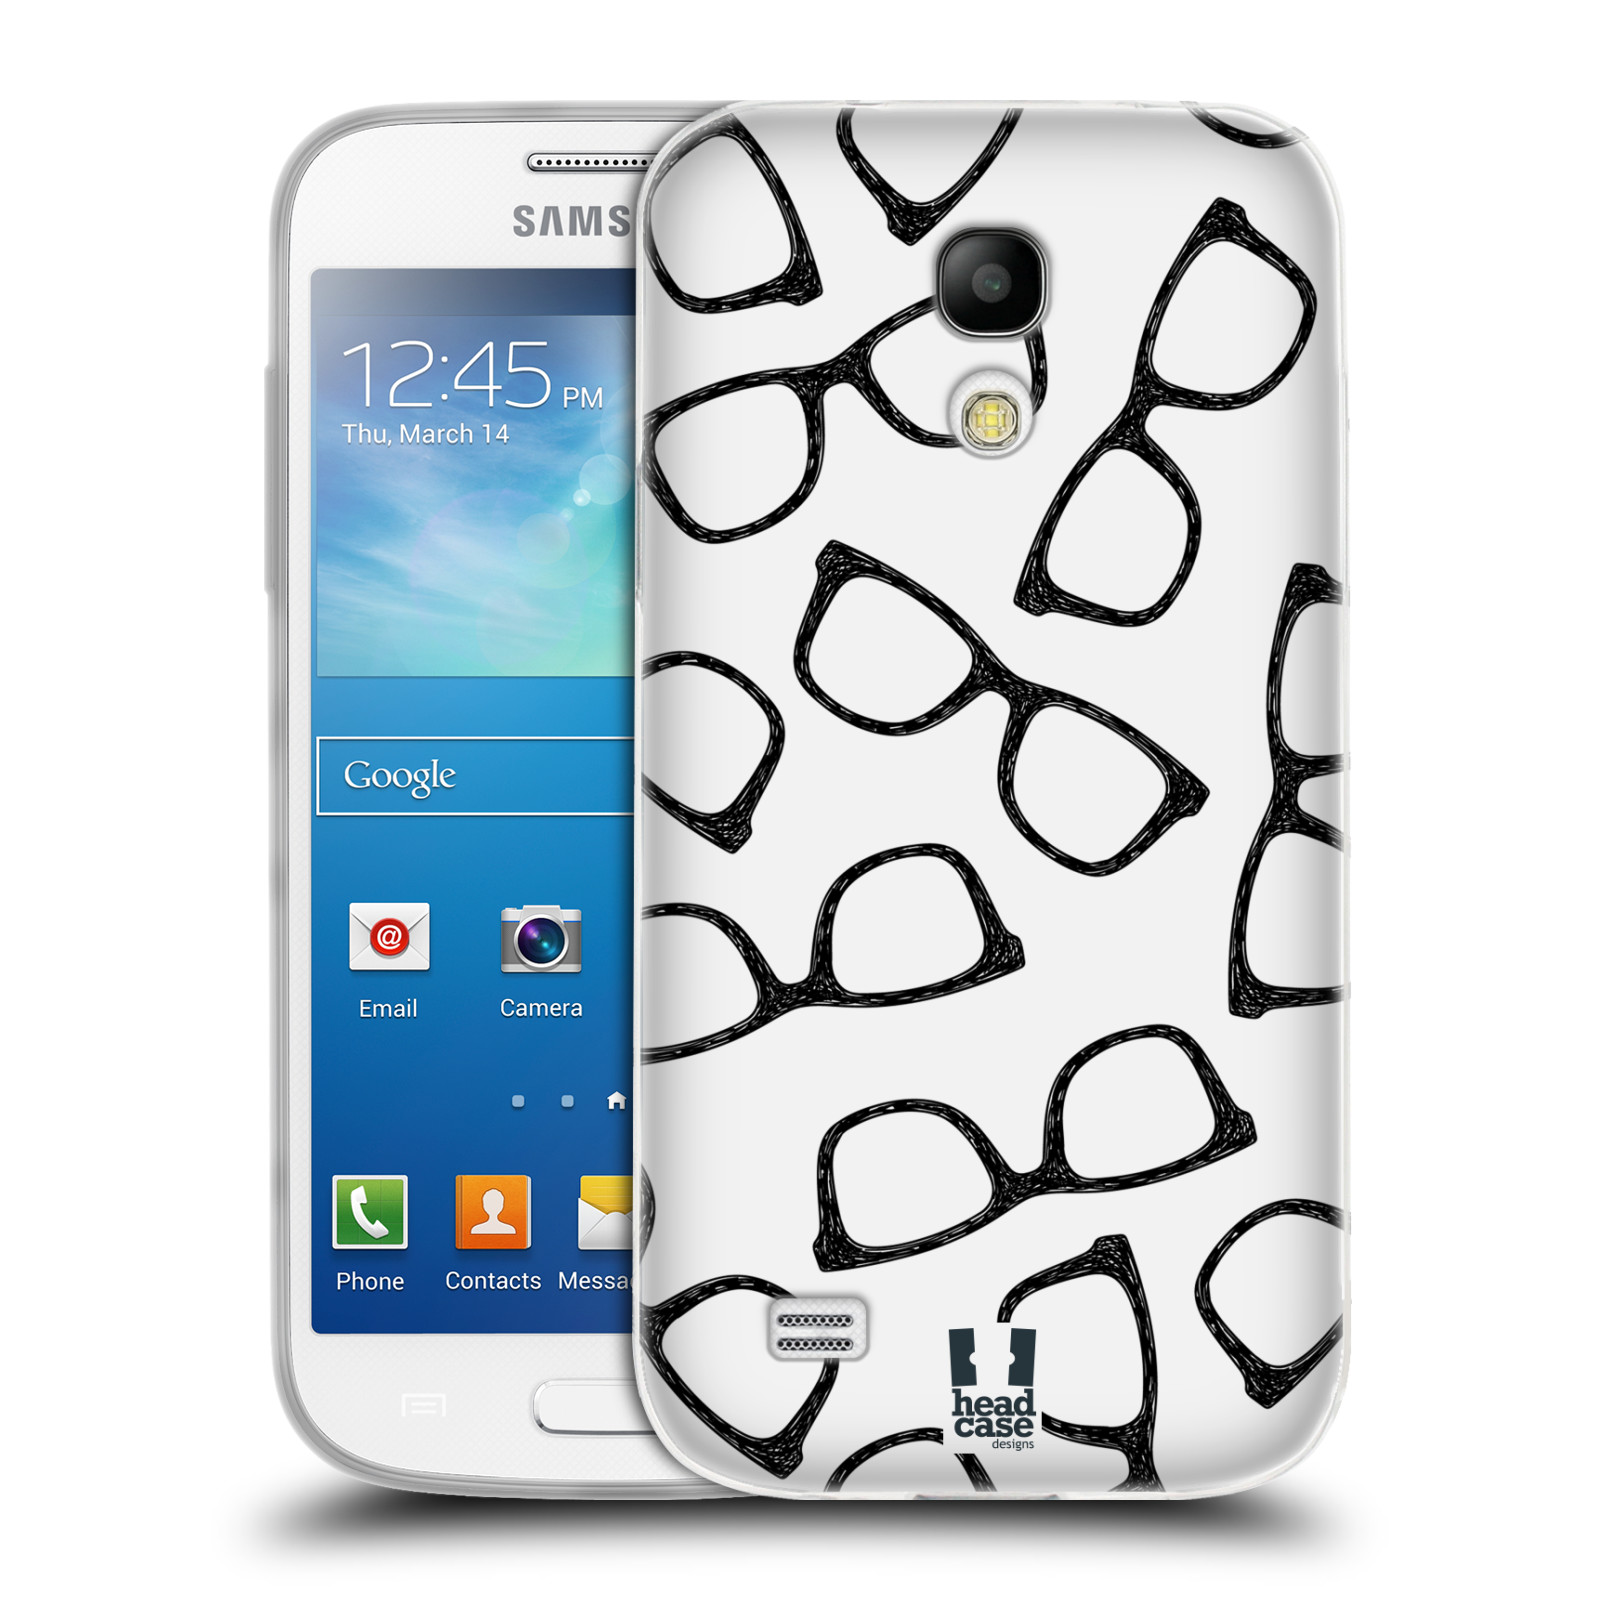 Silikonové pouzdro na mobil Samsung Galaxy S4 Mini HEAD CASE HIPSTER BRÝLE (Silikonový kryt či obal na mobilní telefon Samsung Galaxy S4 Mini GT-i9195 / i9190 (nepasuje na verzi Black Edition))